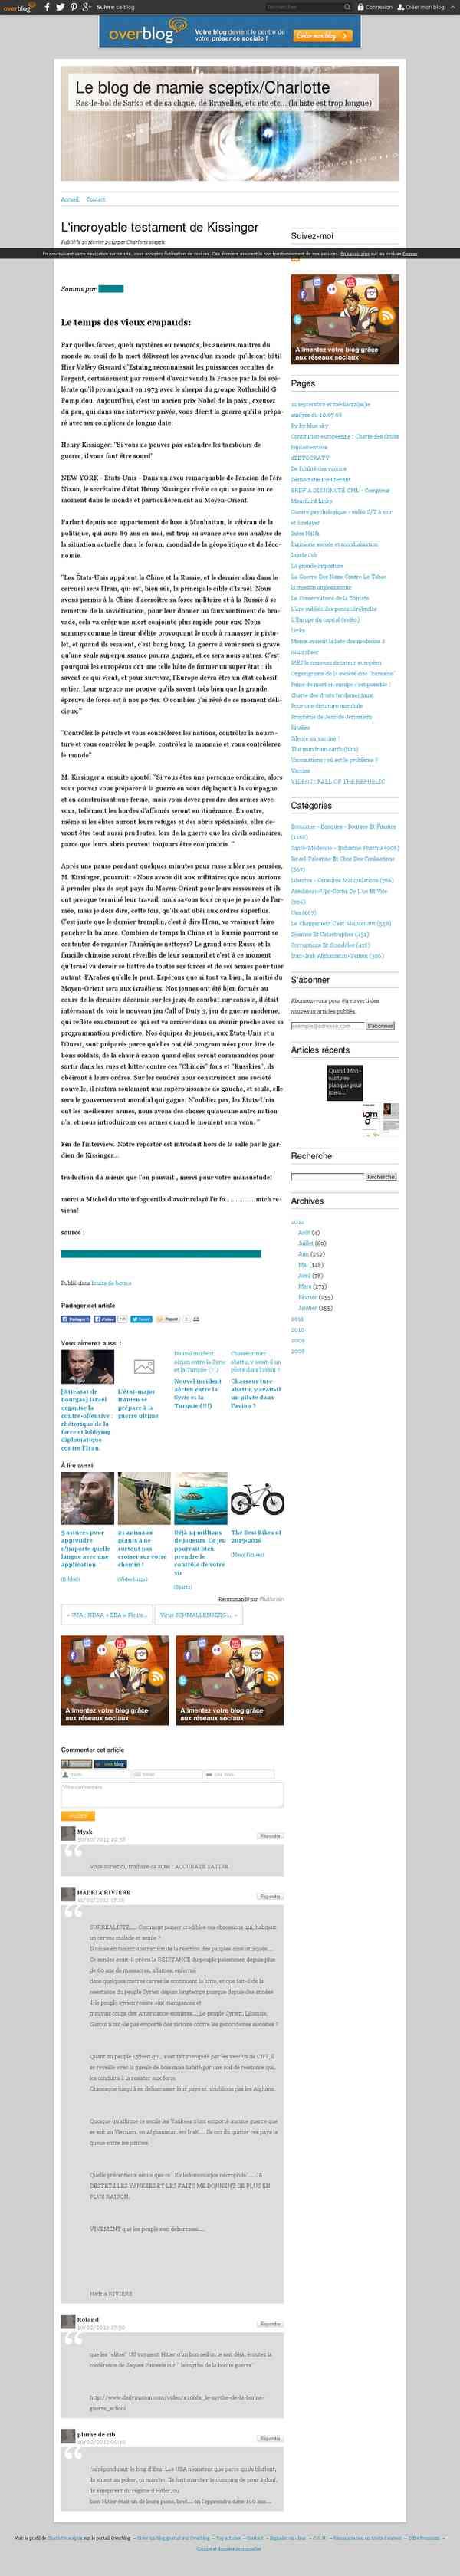 L'incroyable testament de Kissinger - Le blog de mamie sceptix/Charlotte